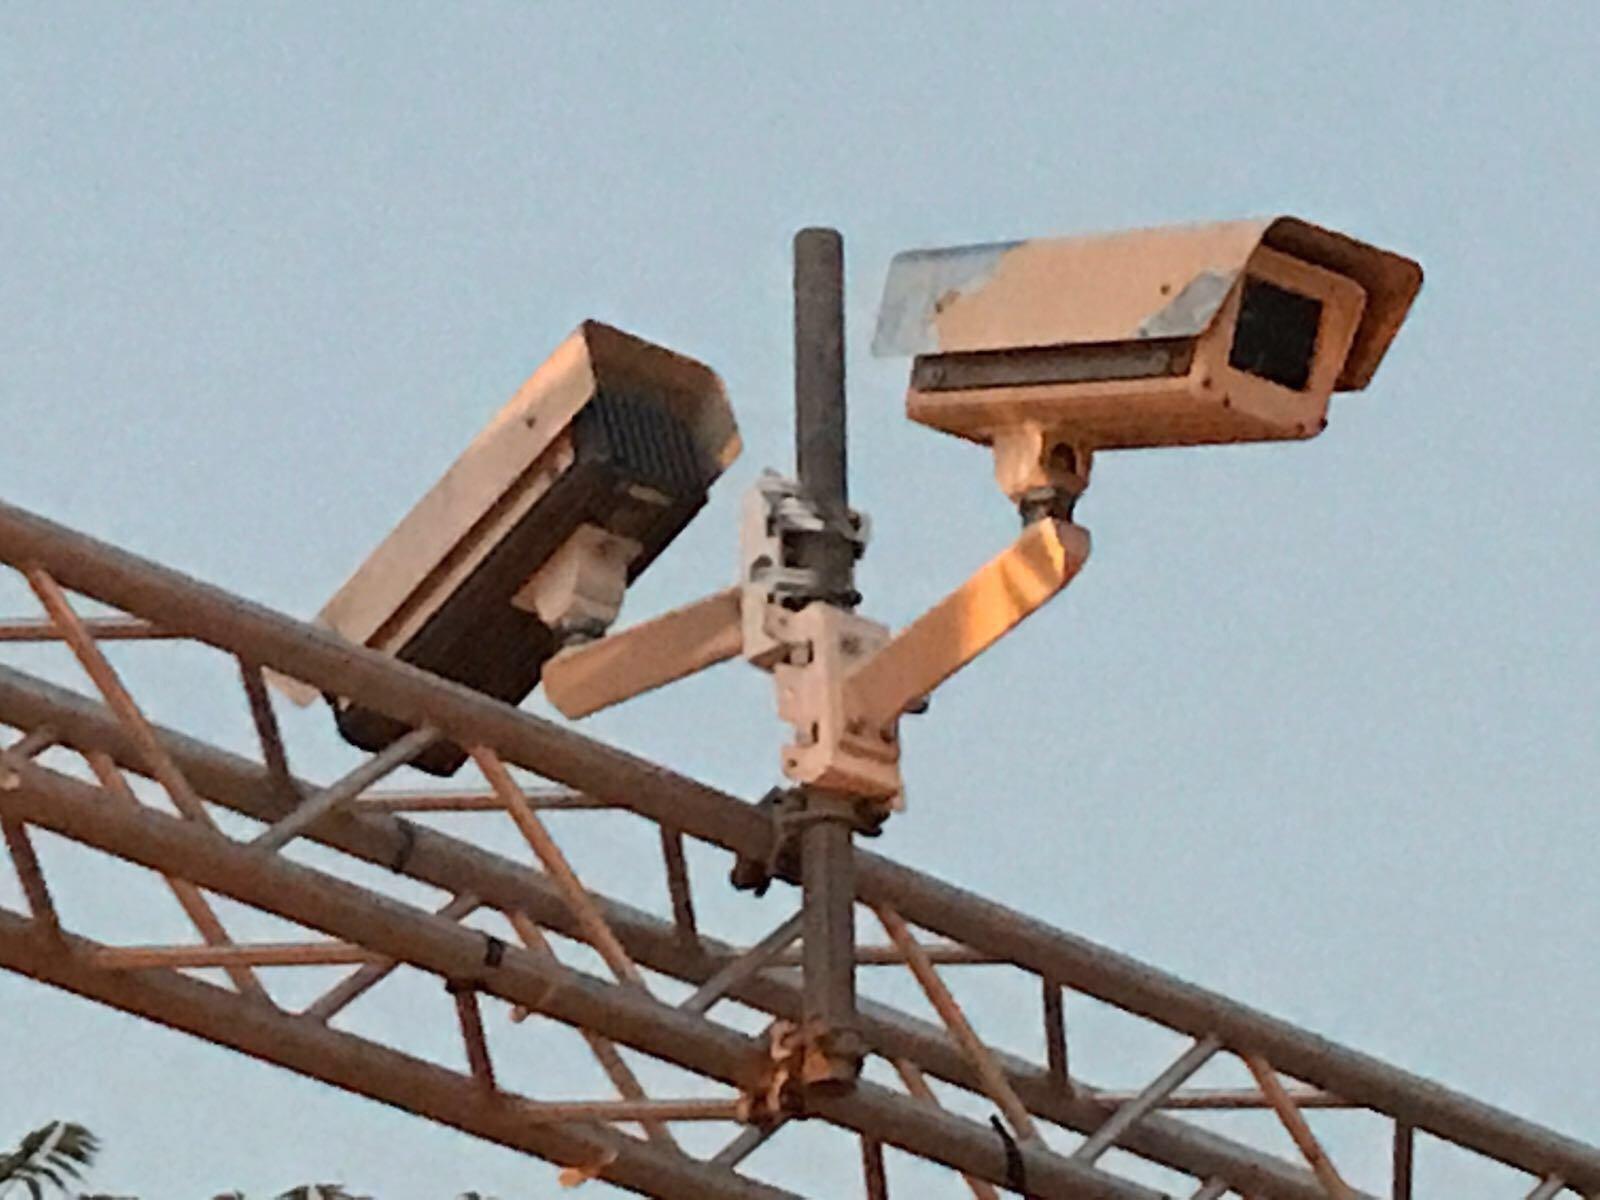 إسرائيل تركّب كاميرات وأعمدة عند مداخل الأقصى كبديل للبوابات الالكترونية .. المصلون يرفضون